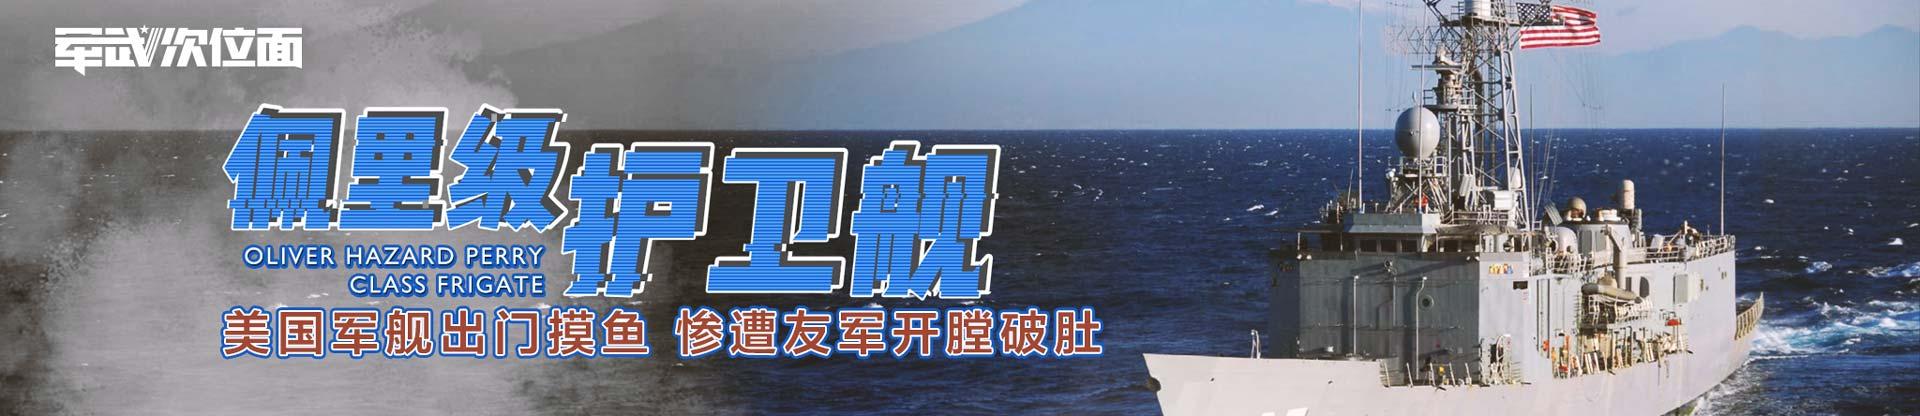 齐河县附近哪有找美女姑娘做鸡的学生妹全套上门服务约炮QQ微信联系方式